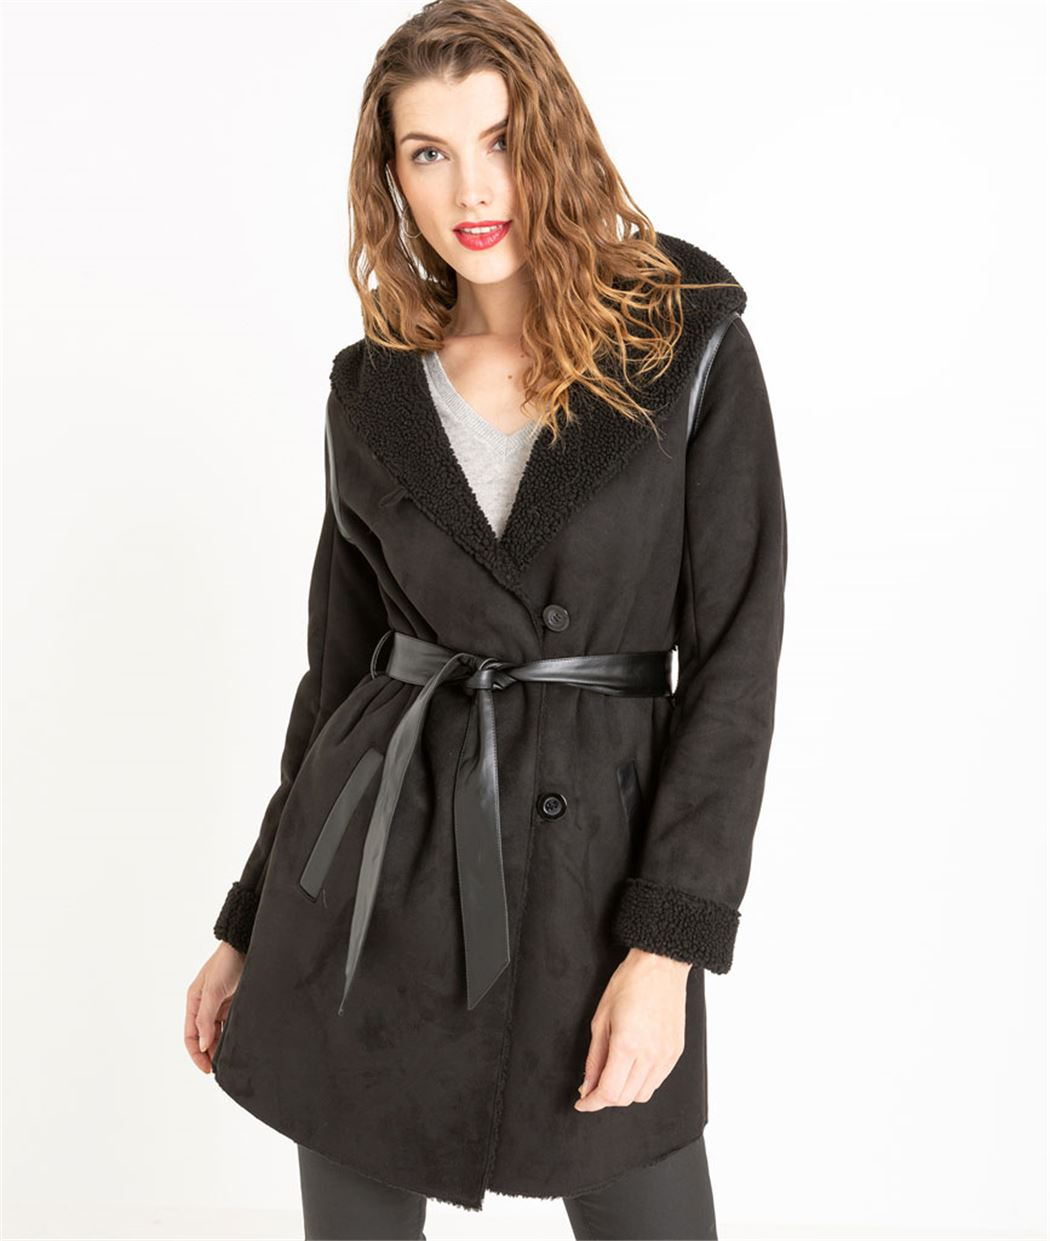 Manteau femme effet peau lainée NOIR